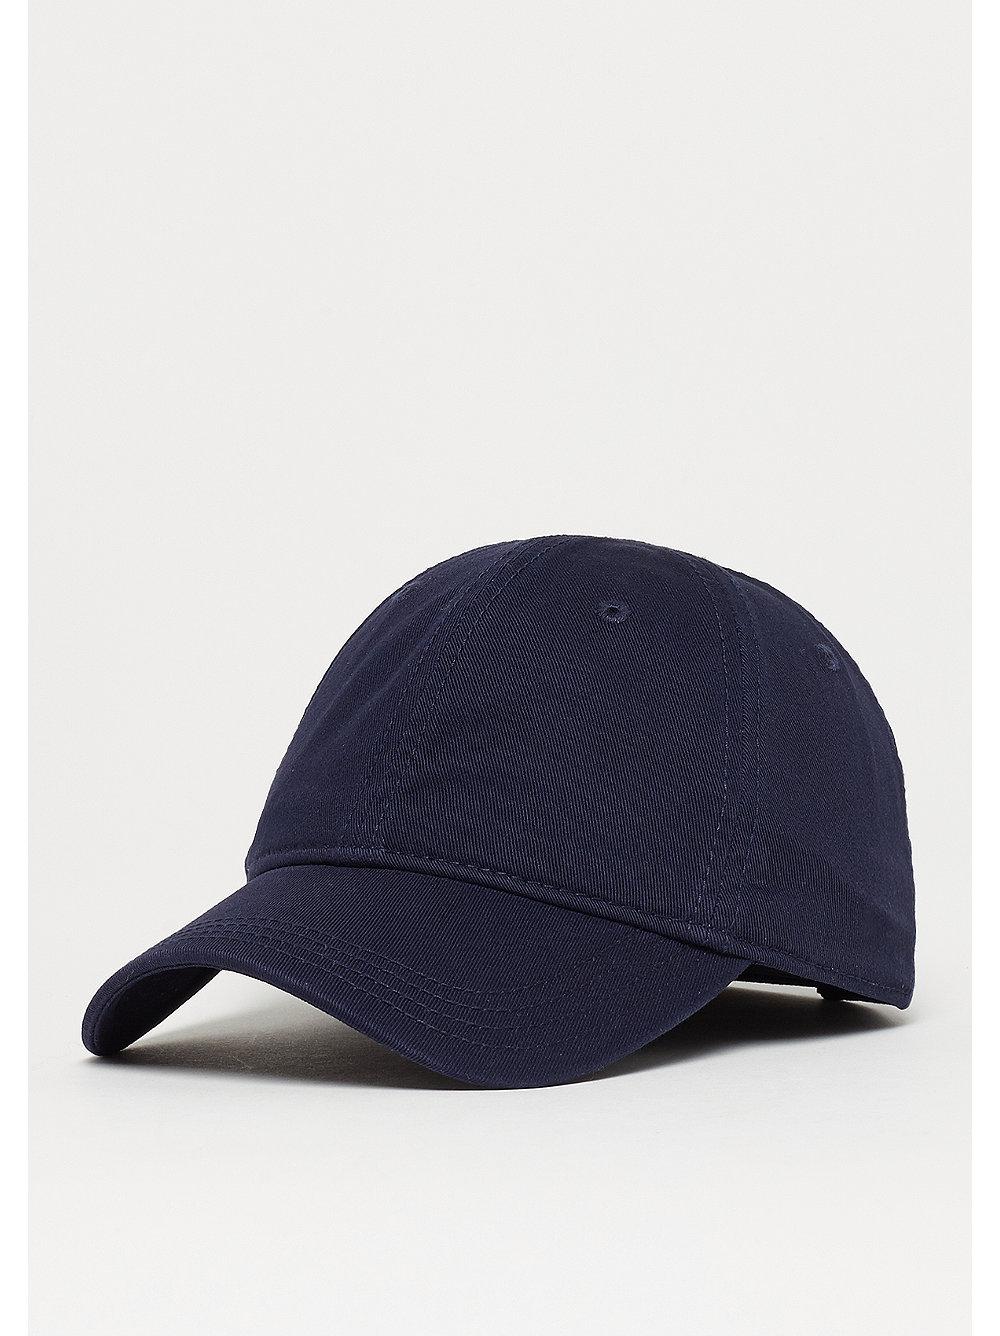 1635bbf537650 Compra ahora la gorra de béisbol azul marino 2 con logo de Lacoste en SNIPES